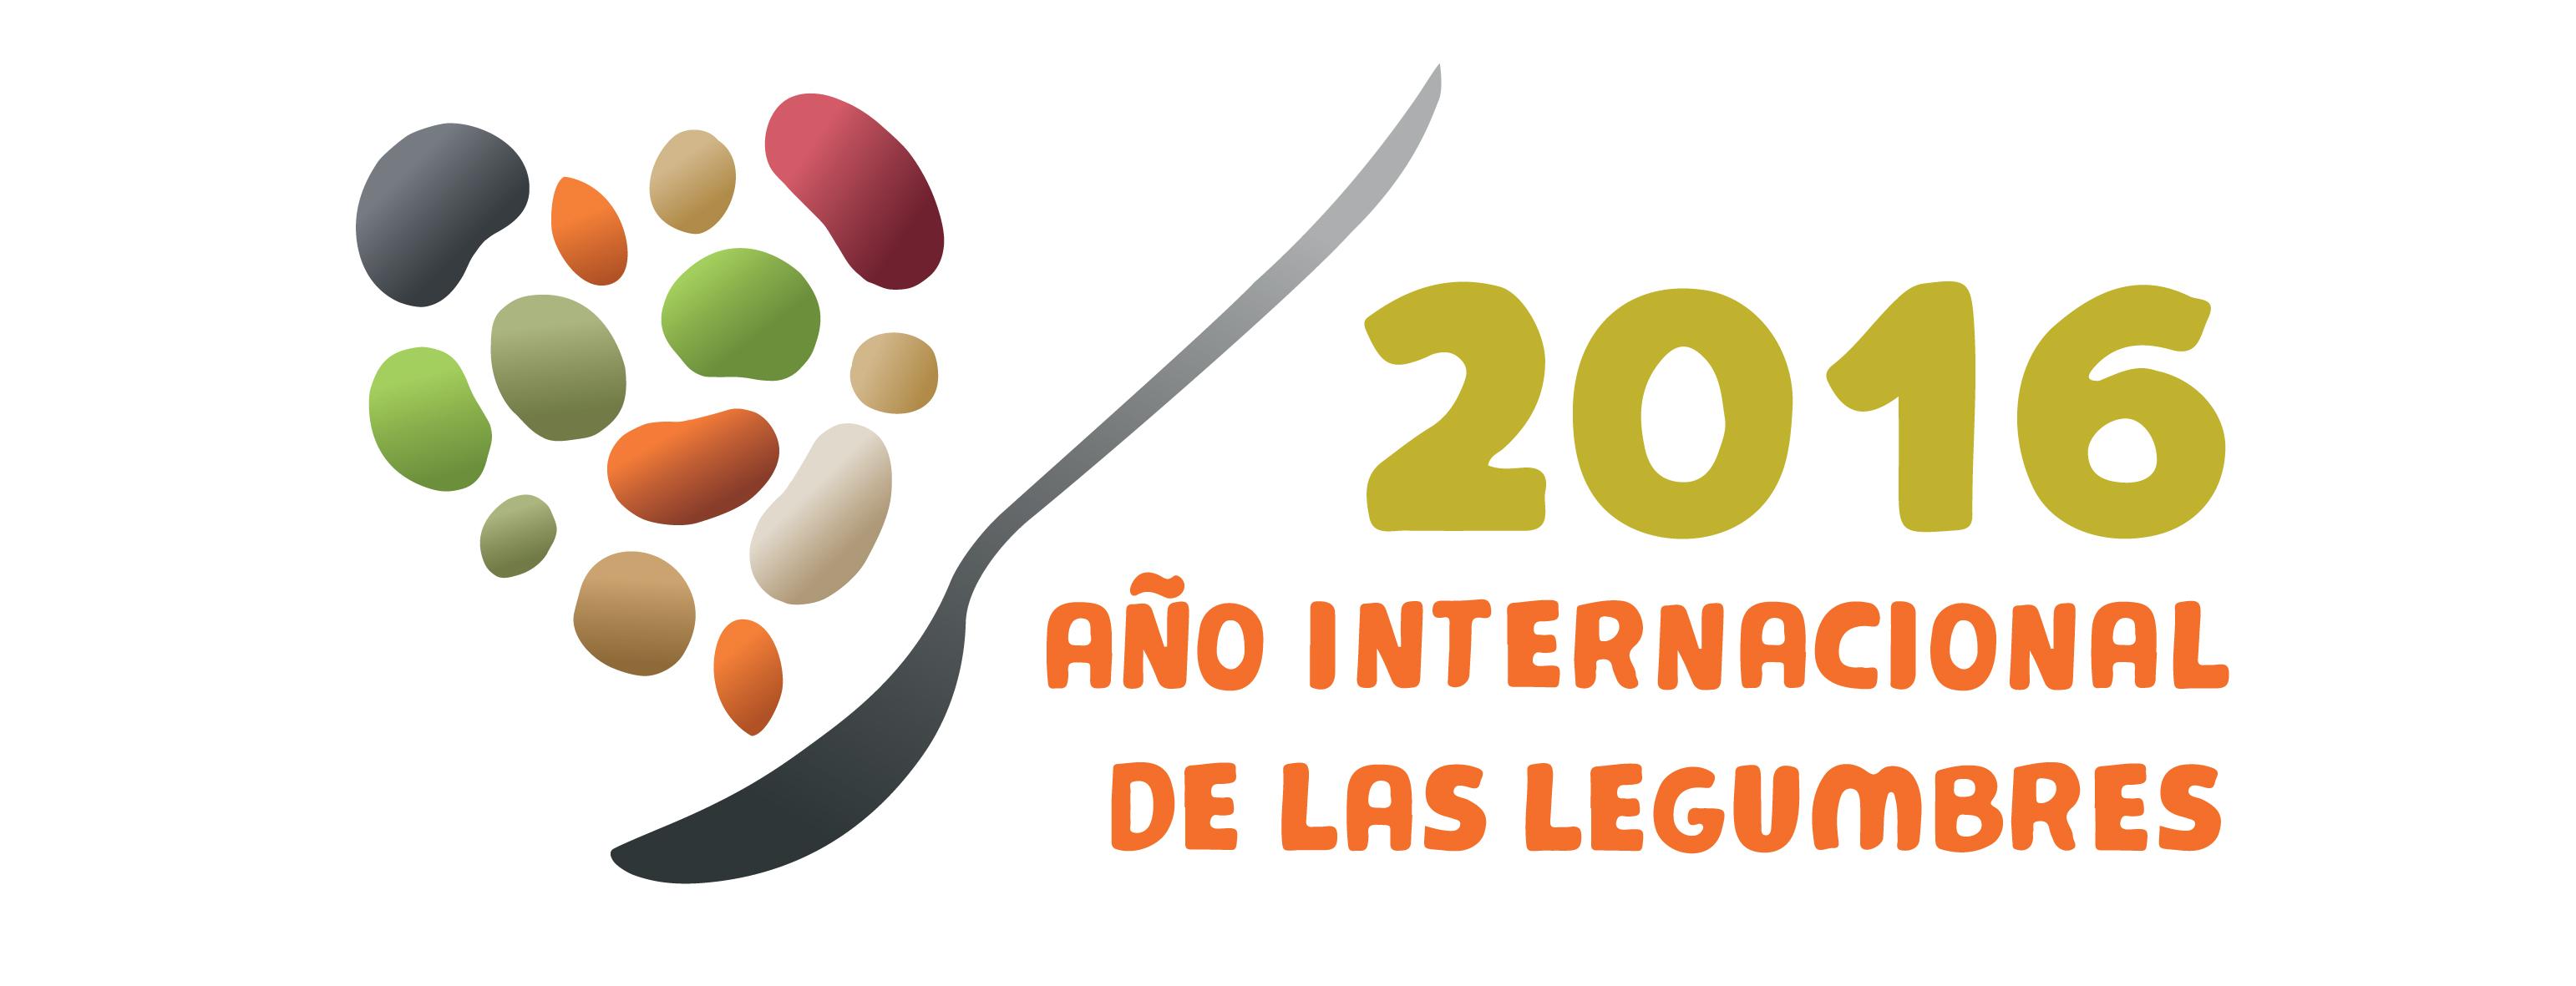 2016, Año Internacional de las Legumbres